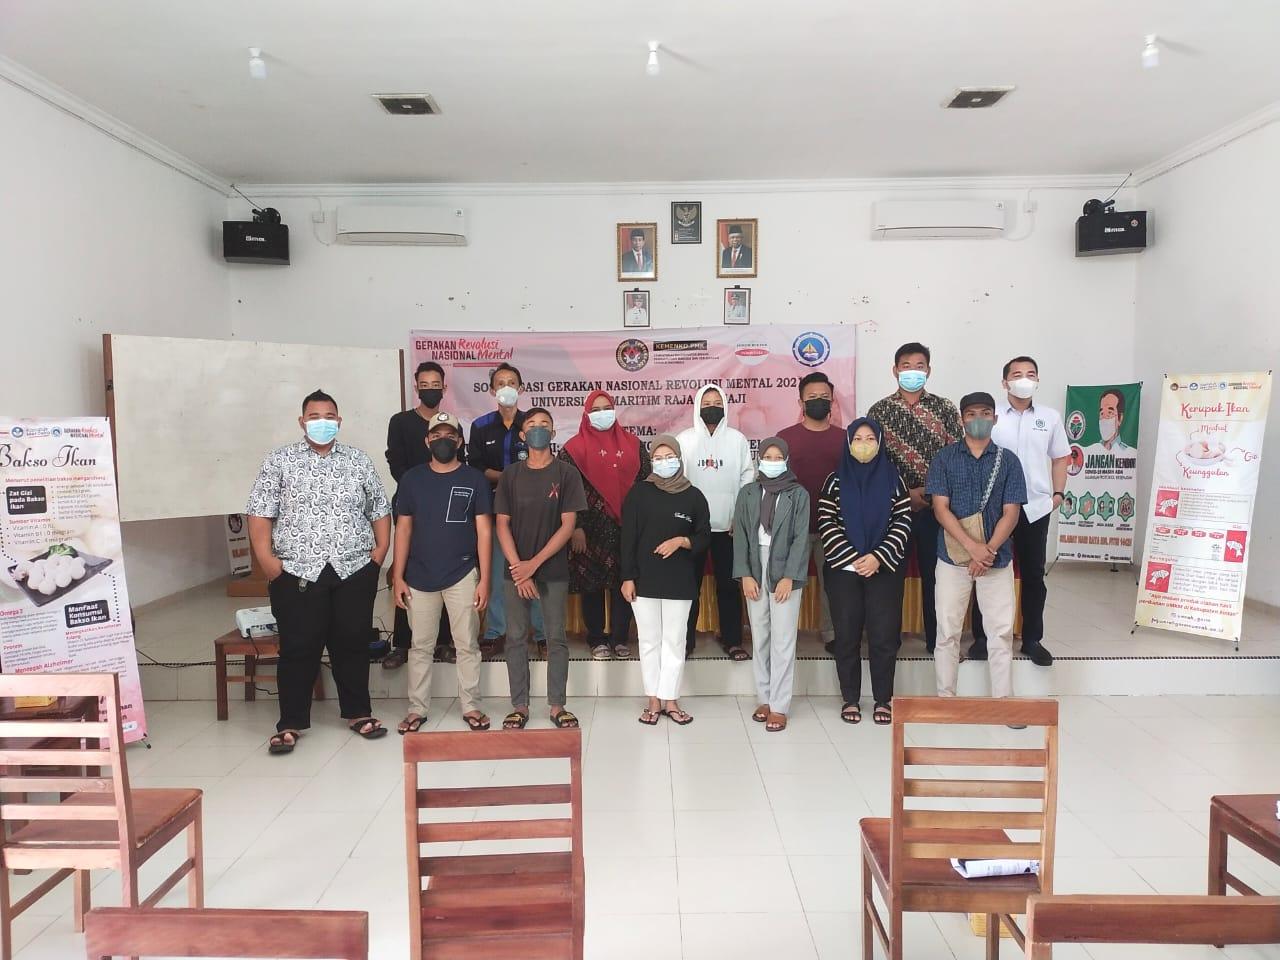 Foto Bersama Panitia, Peserta dan Narasumber Kegiatan GNRM UMRAH Di Desa Malang Rapat Kabupaten Bintan.